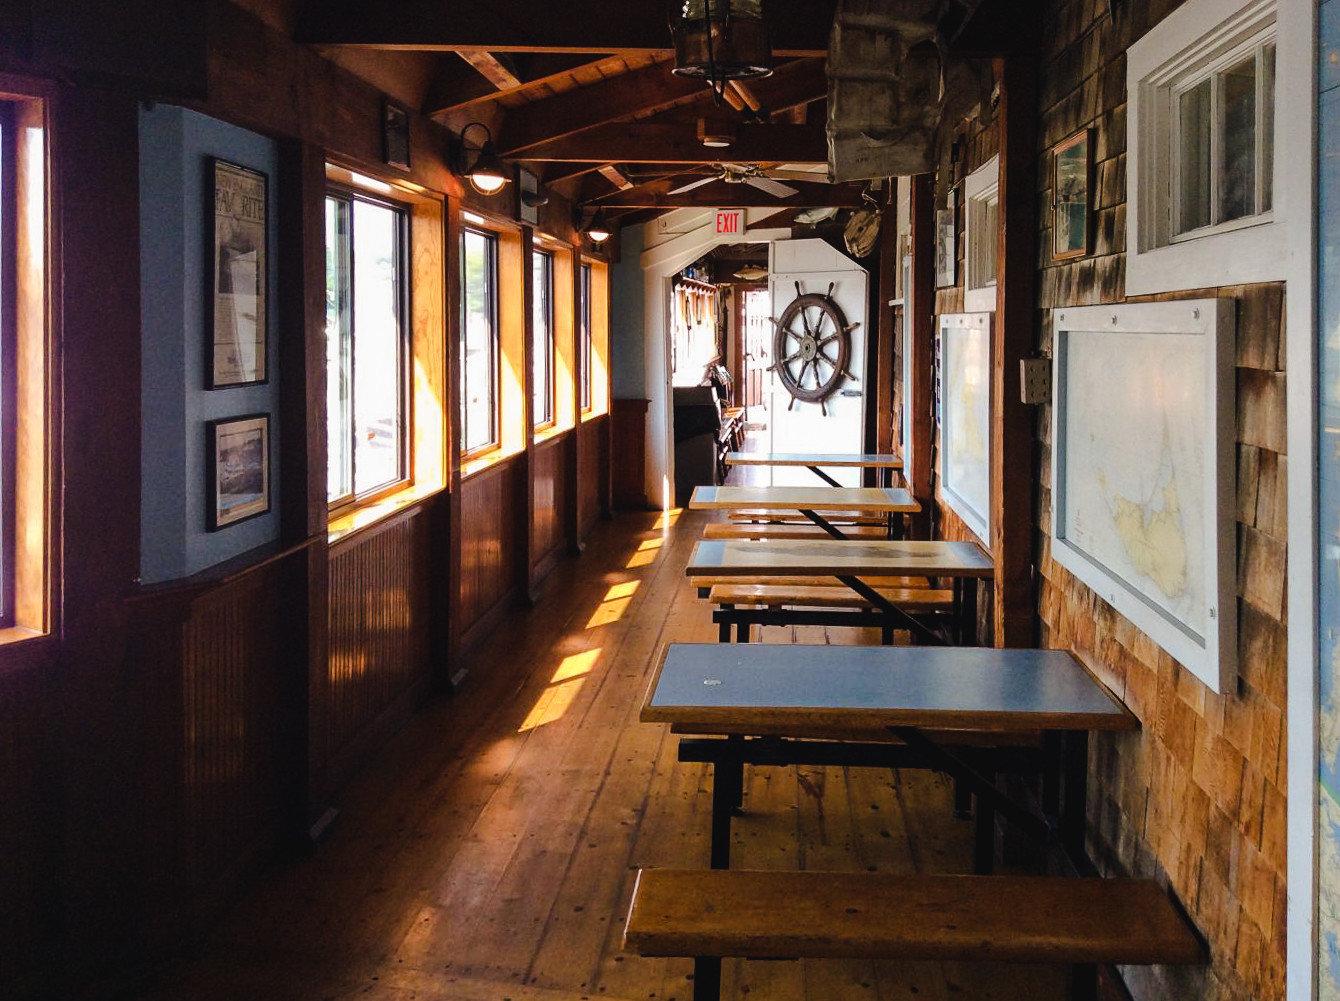 Food + Drink Luxury Travel Trip Ideas Weekend Getaways tourist attraction platform interior design wooden wood window furniture